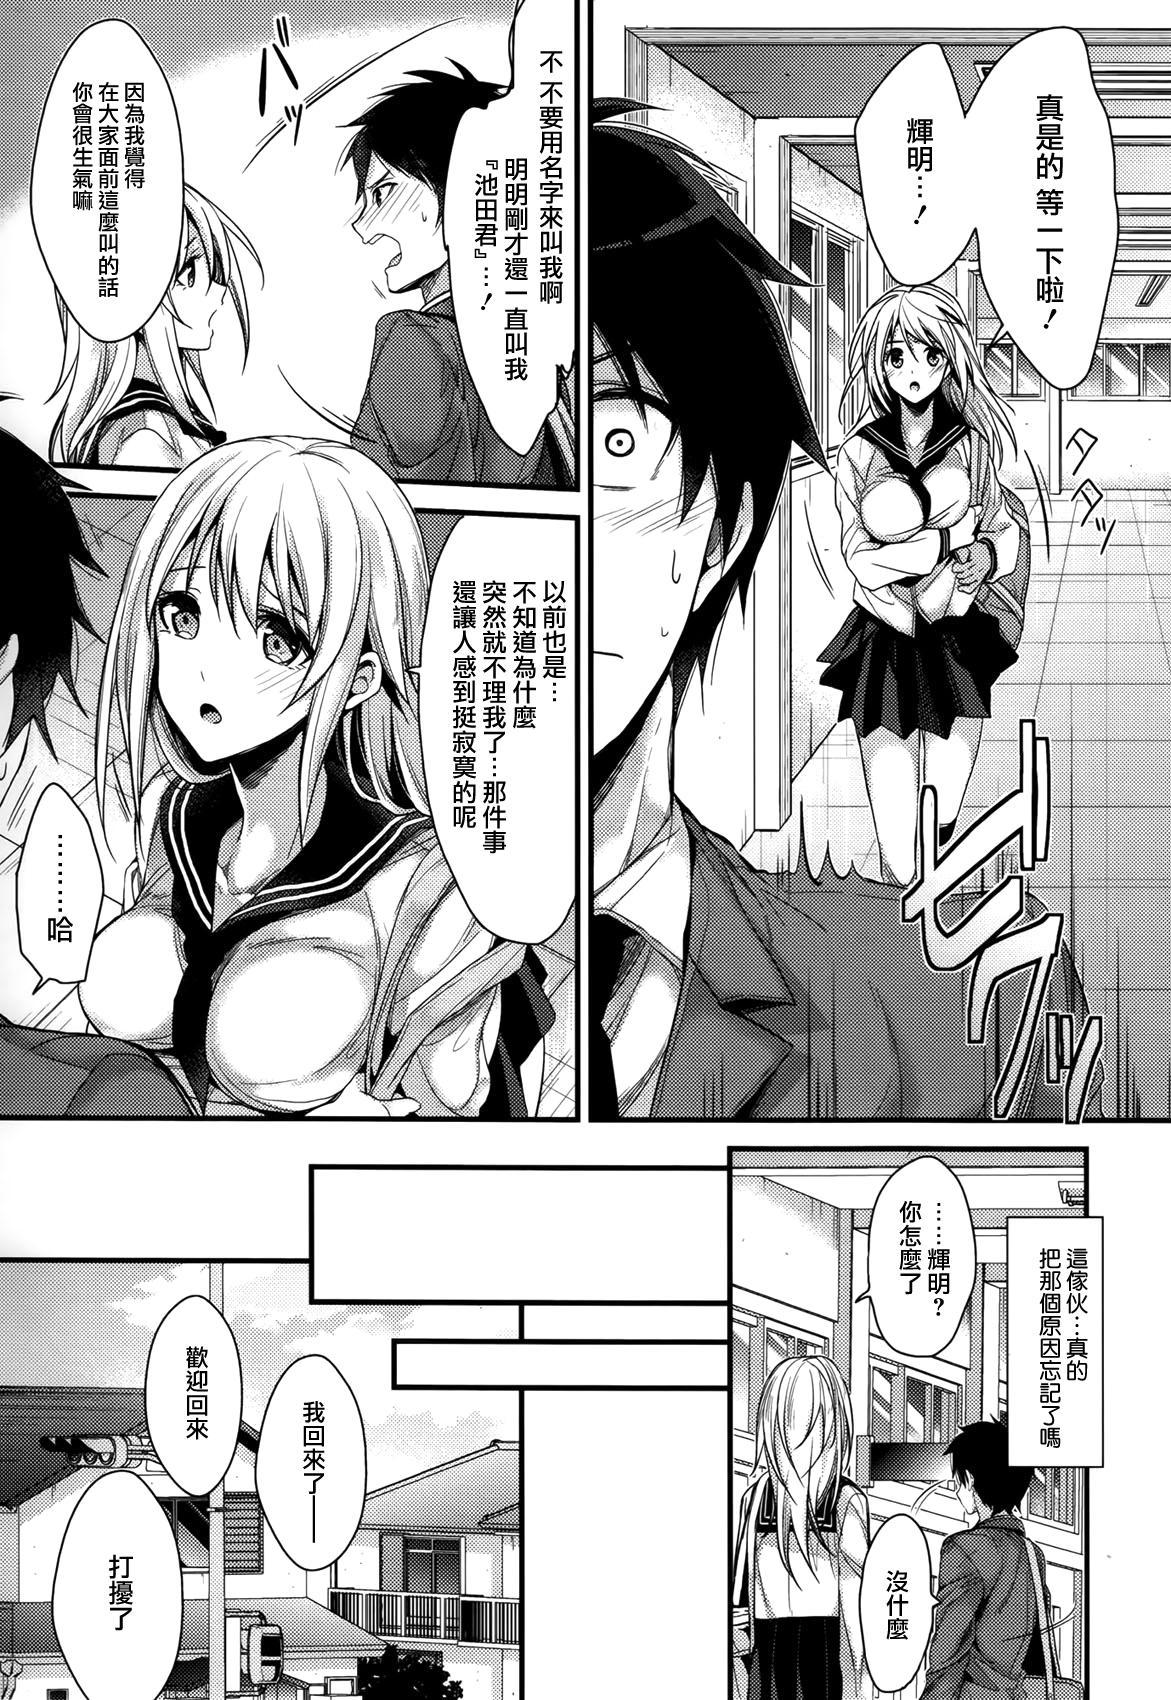 Kanojyo to Himitsu 41